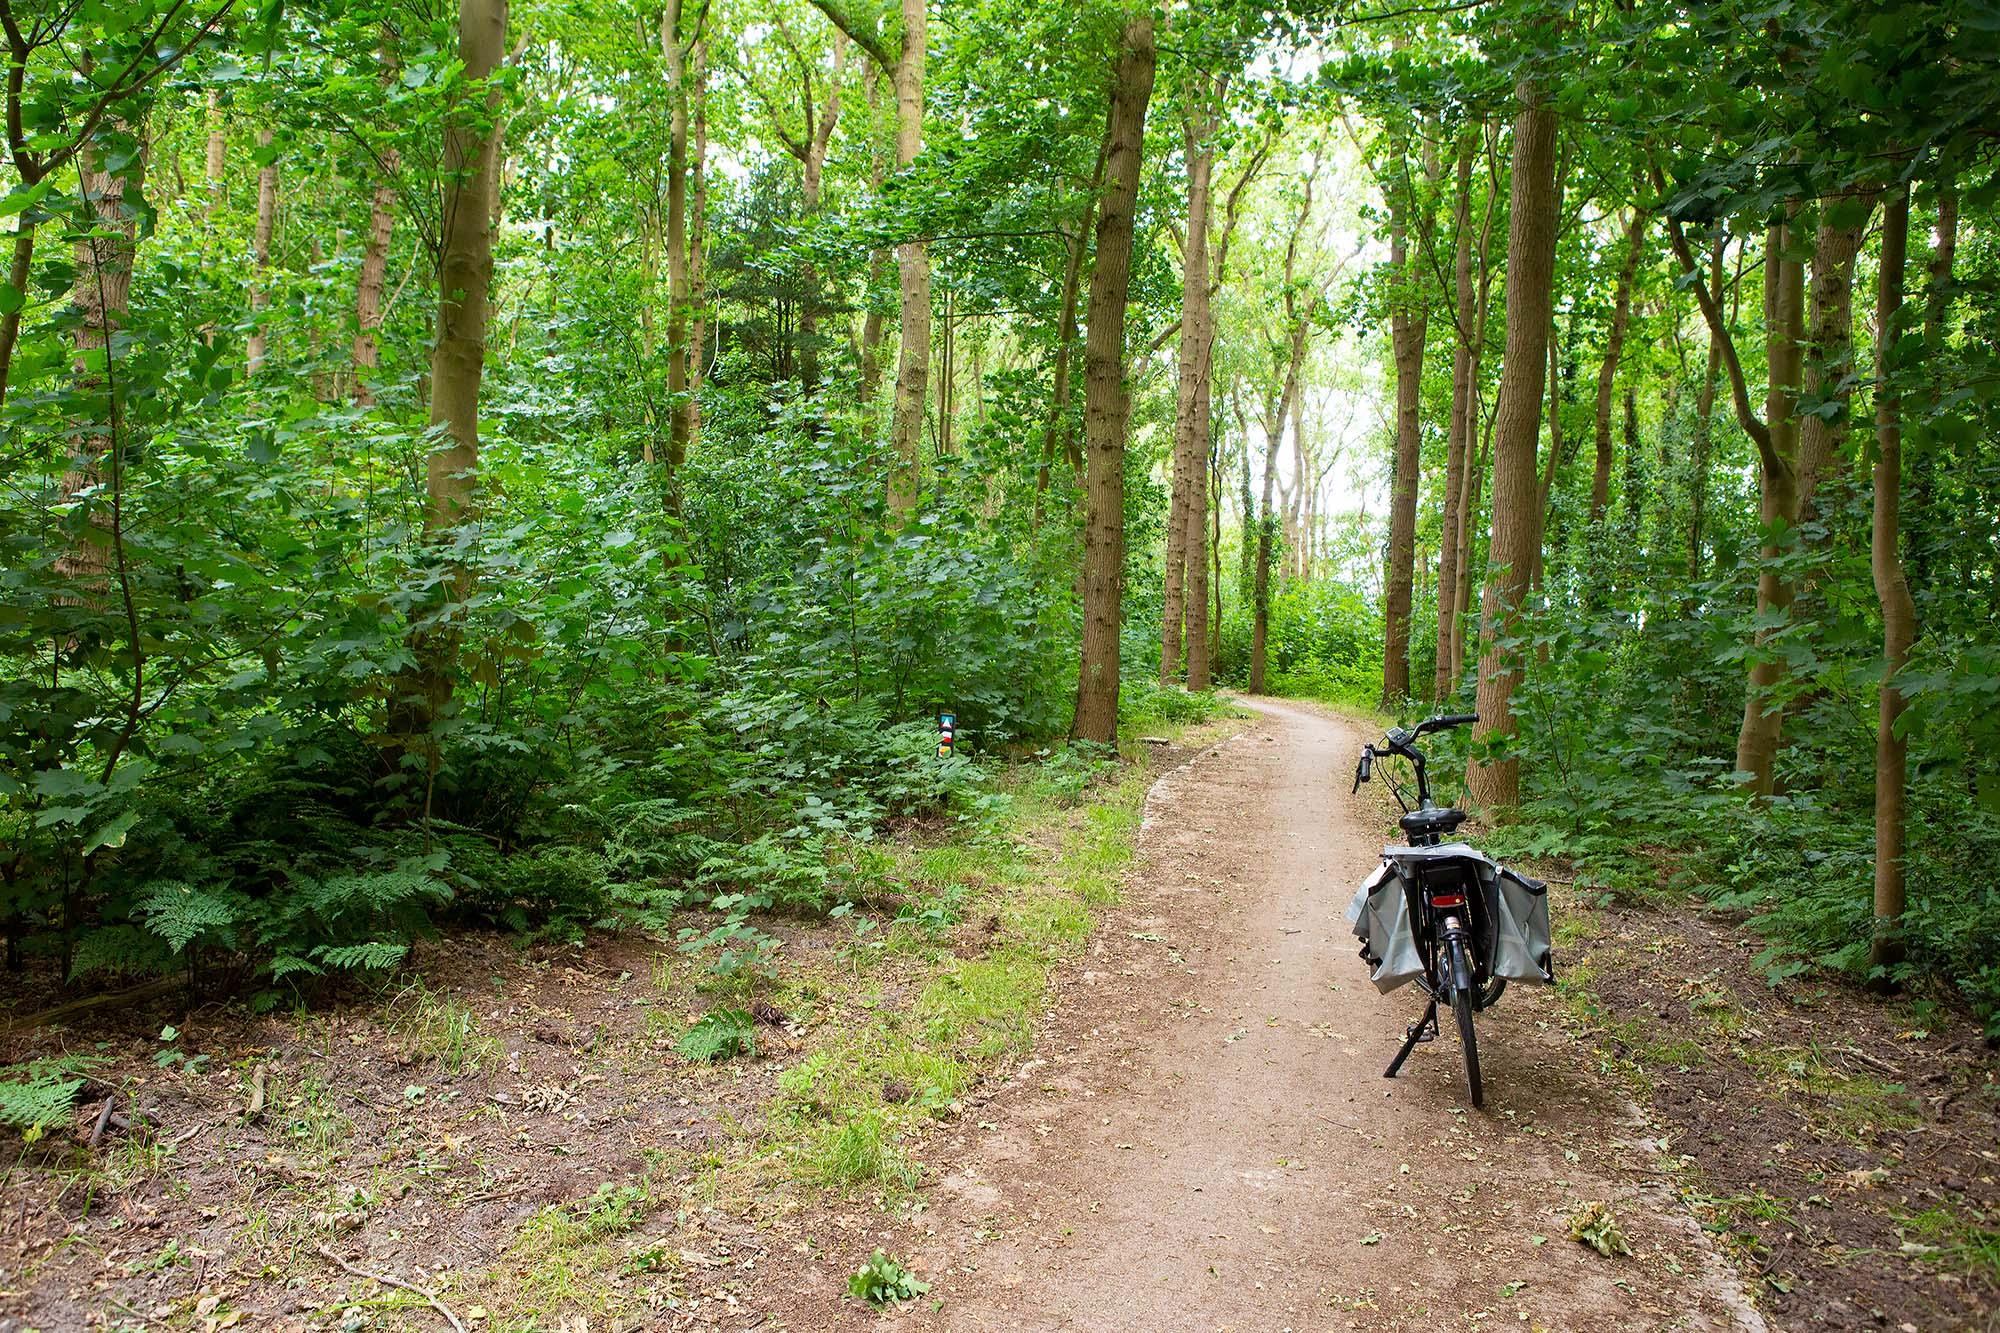 Vakantie in zuidwest Friesland: fietsen door Gaasterland